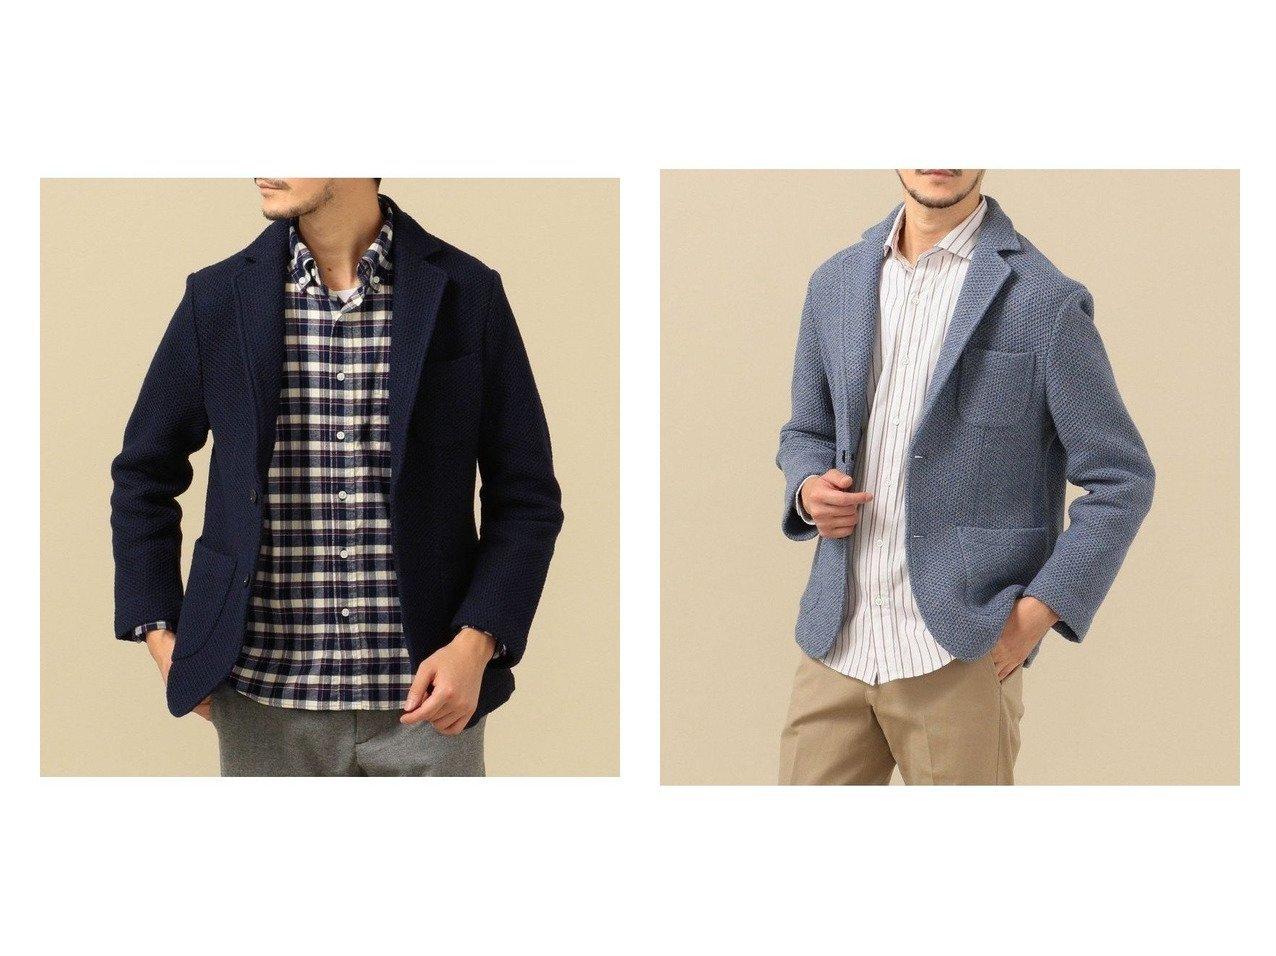 【SHIPS / MEN/シップス】のSC: TEXBRID ハニカム メッシュ ローゲージ 2ボタン ジャケット 【MEN】男性のおすすめ!人気トレンド・メンズファッションの通販 おすすめで人気のファッション通販商品 インテリア・家具・キッズファッション・メンズファッション・レディースファッション・服の通販 founy(ファニー) https://founy.com/ ファッション Fashion メンズ MEN カーディガン ジャケット ストレッチ ドロップ パターン パッチ ポケット メッシュ リラックス |ID:crp329100000006689